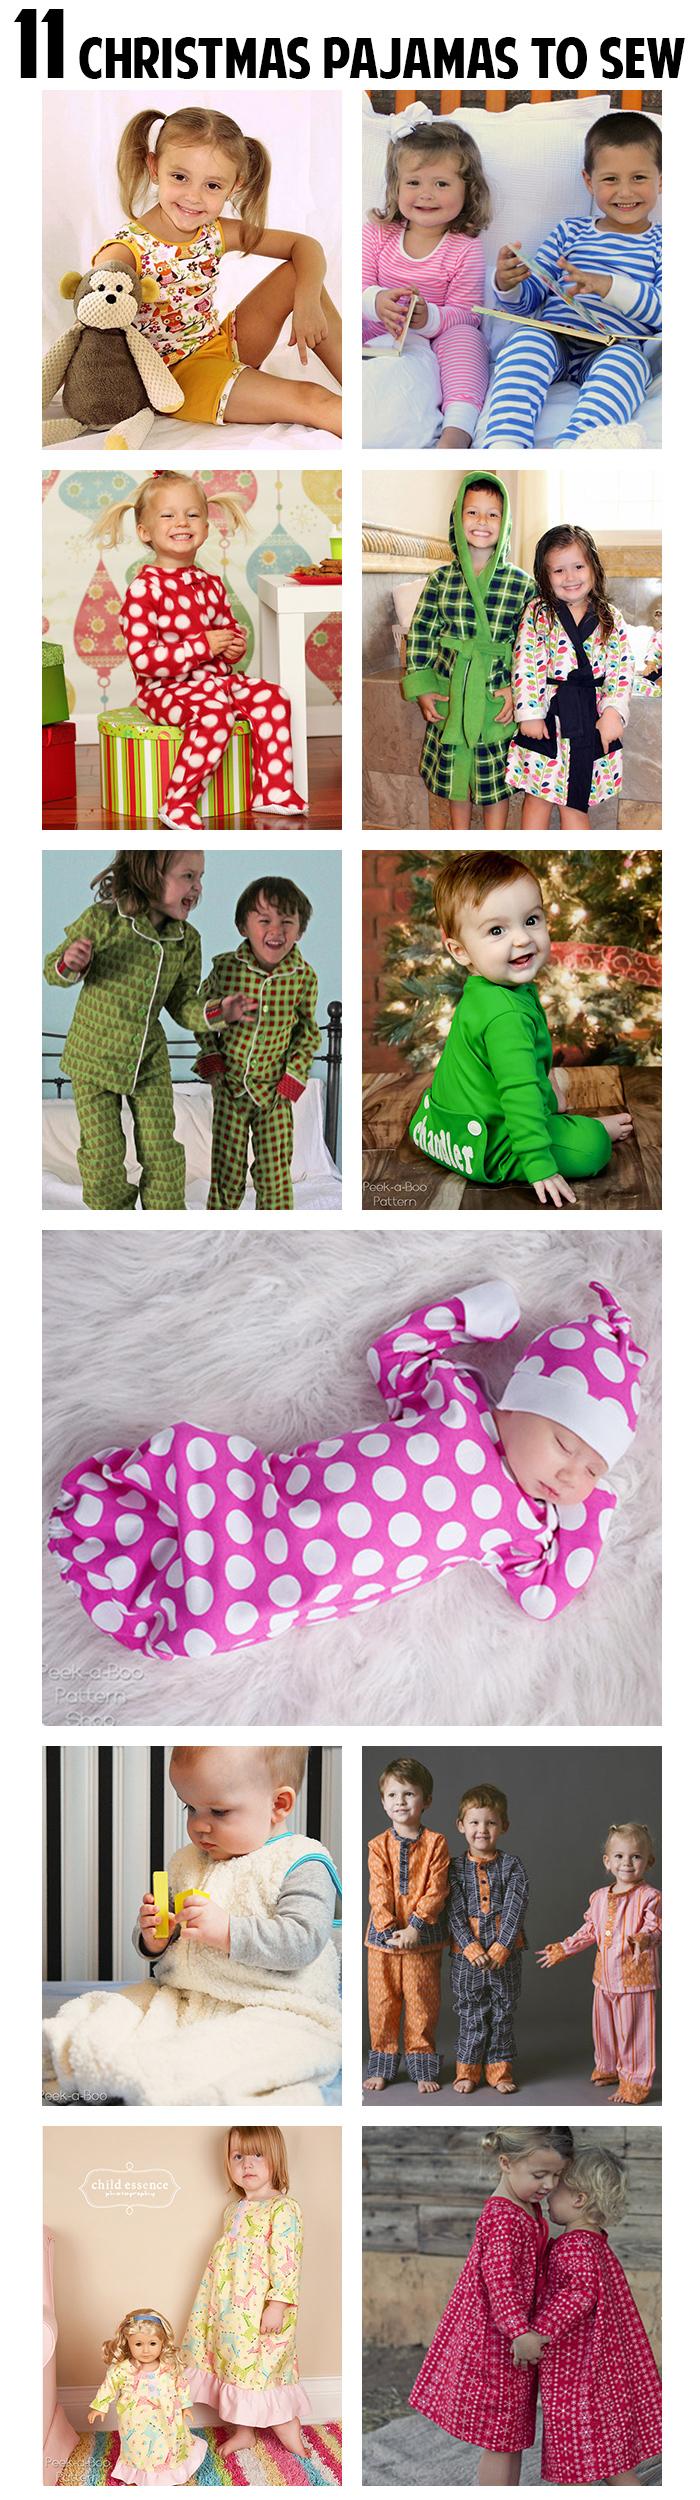 11 Christmas pajamas to sew!